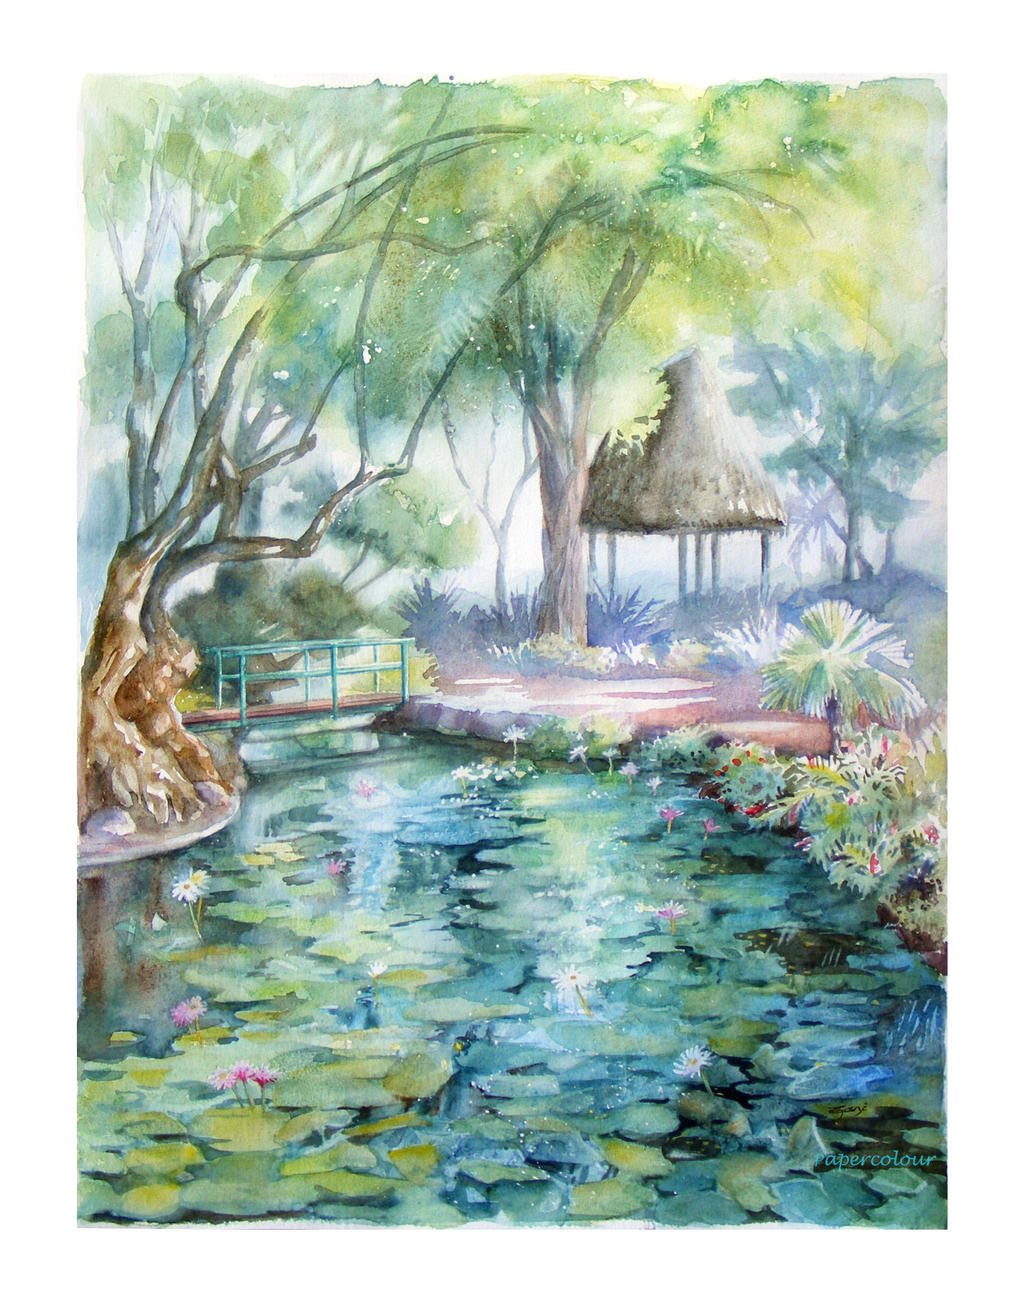 Nenuphars au parc Bougainville by Papercolour